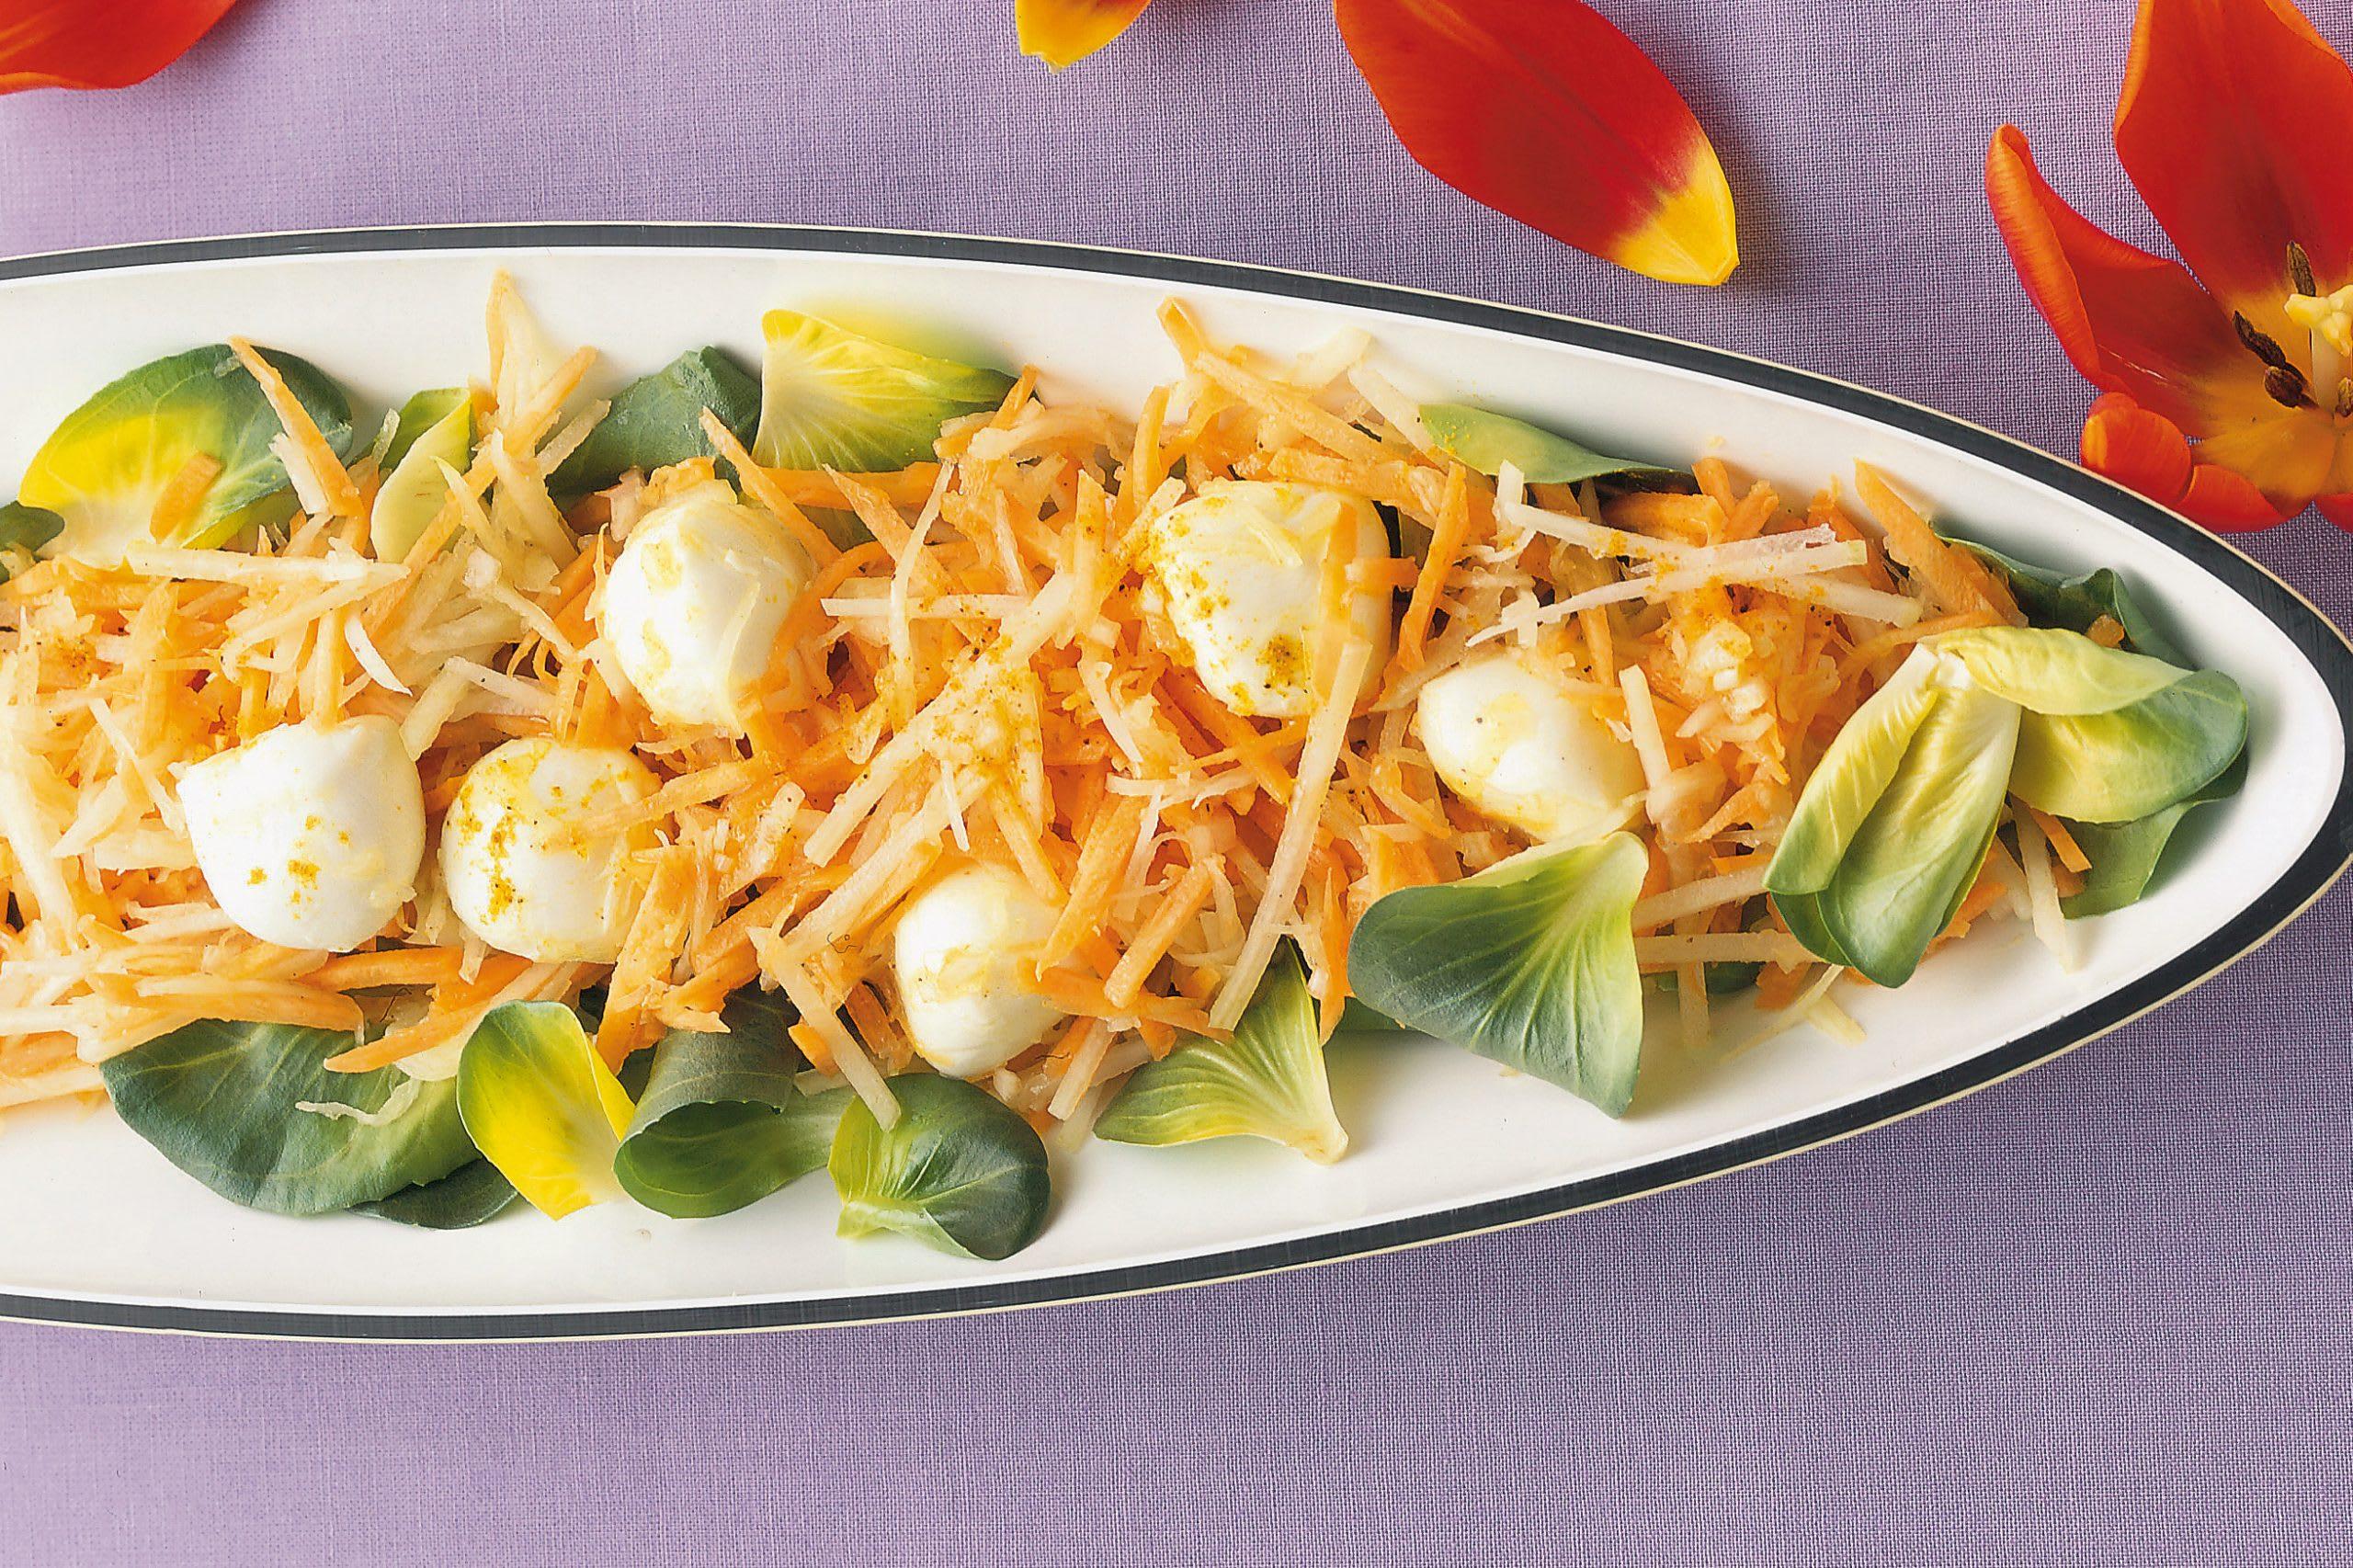 Salade carottes-colrave-mozzarella à l'aigre-doux